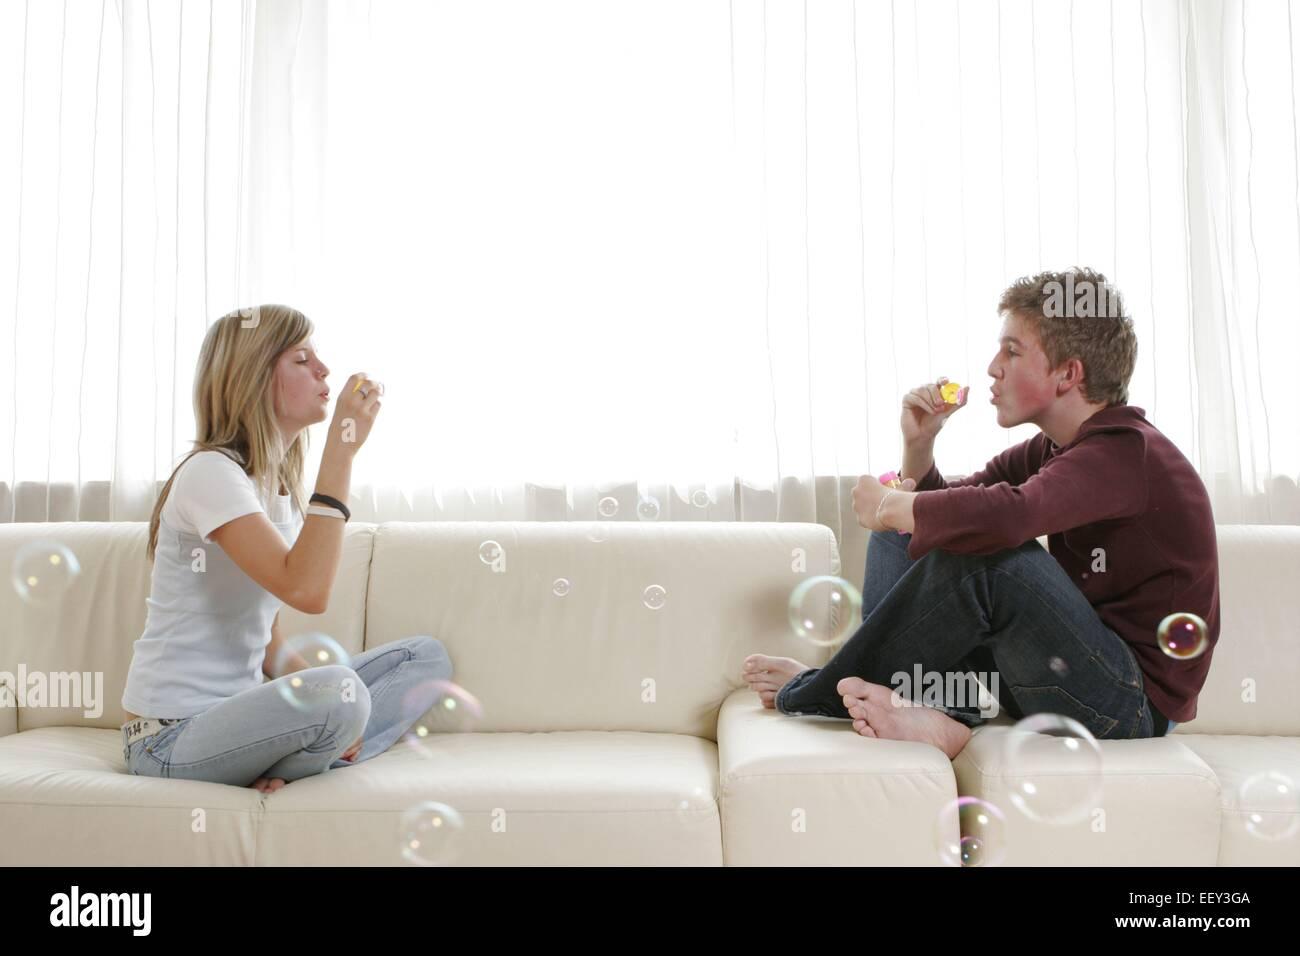 12-14 14-18 Jahre, Beziehung, Gefuehle, Gefühle, Glueck, Glück, Harmonie, Liebe, Naehe, Partnerschaft, - Stock Image